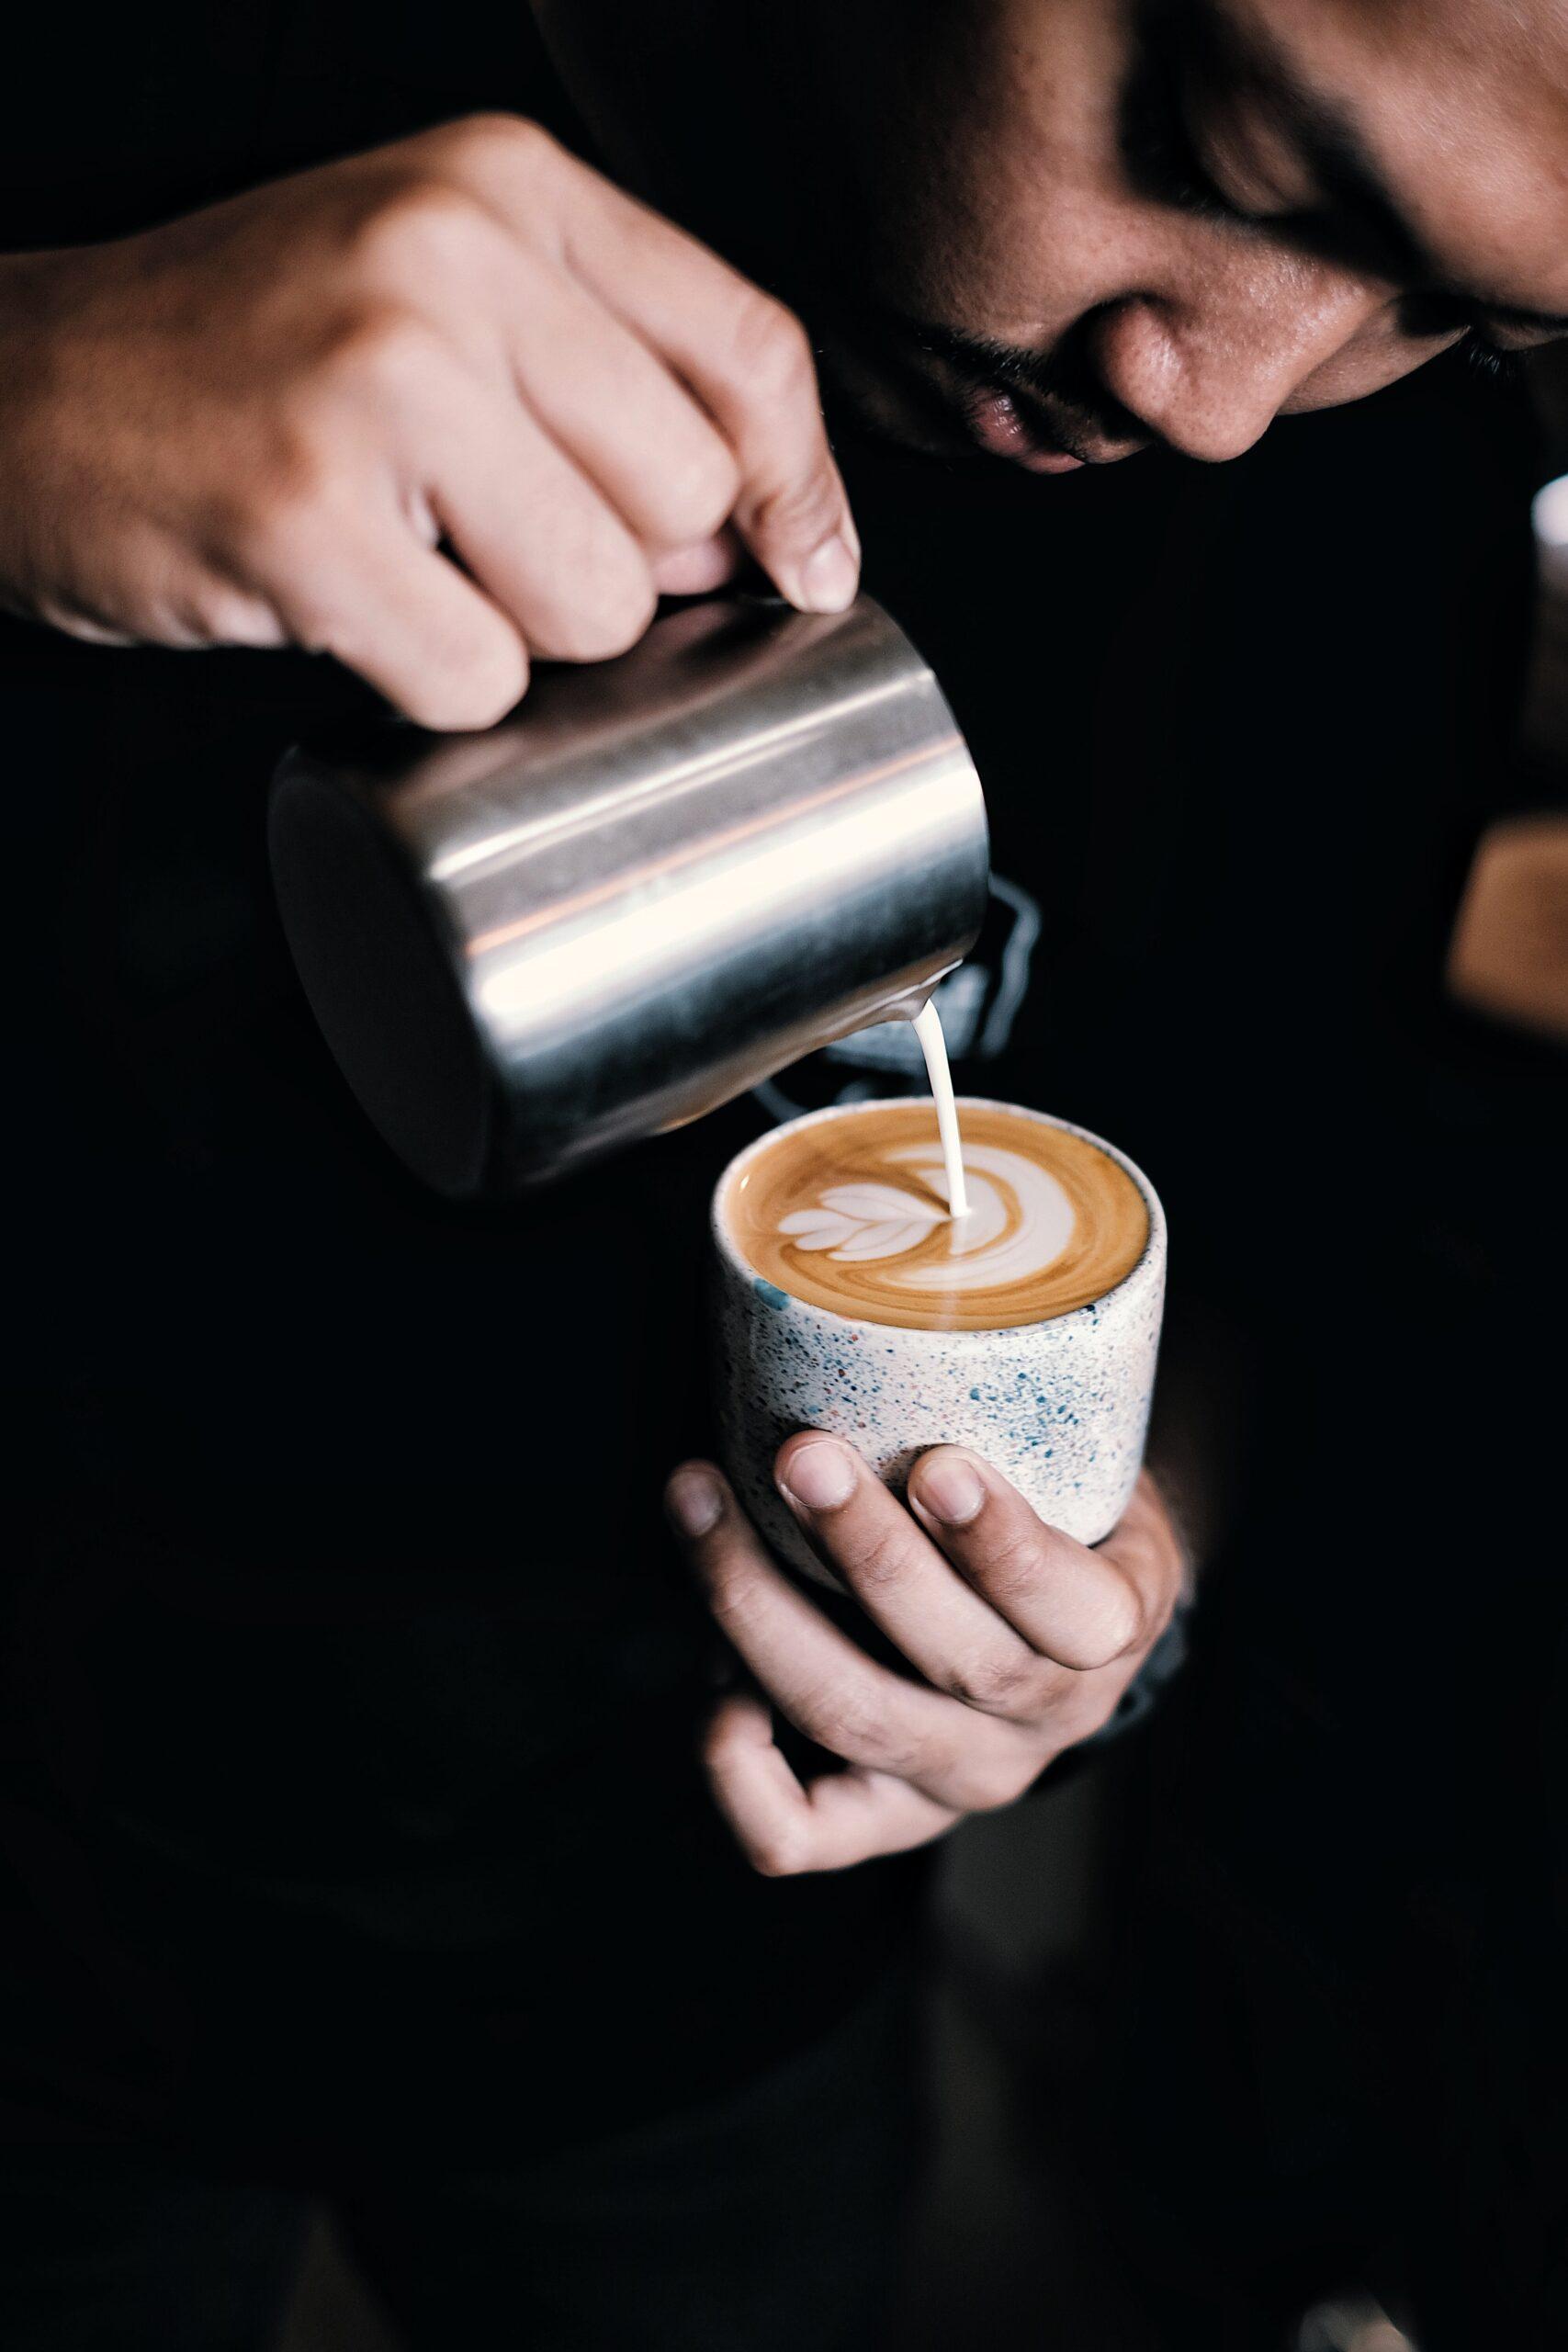 Er kaffe Sundt?